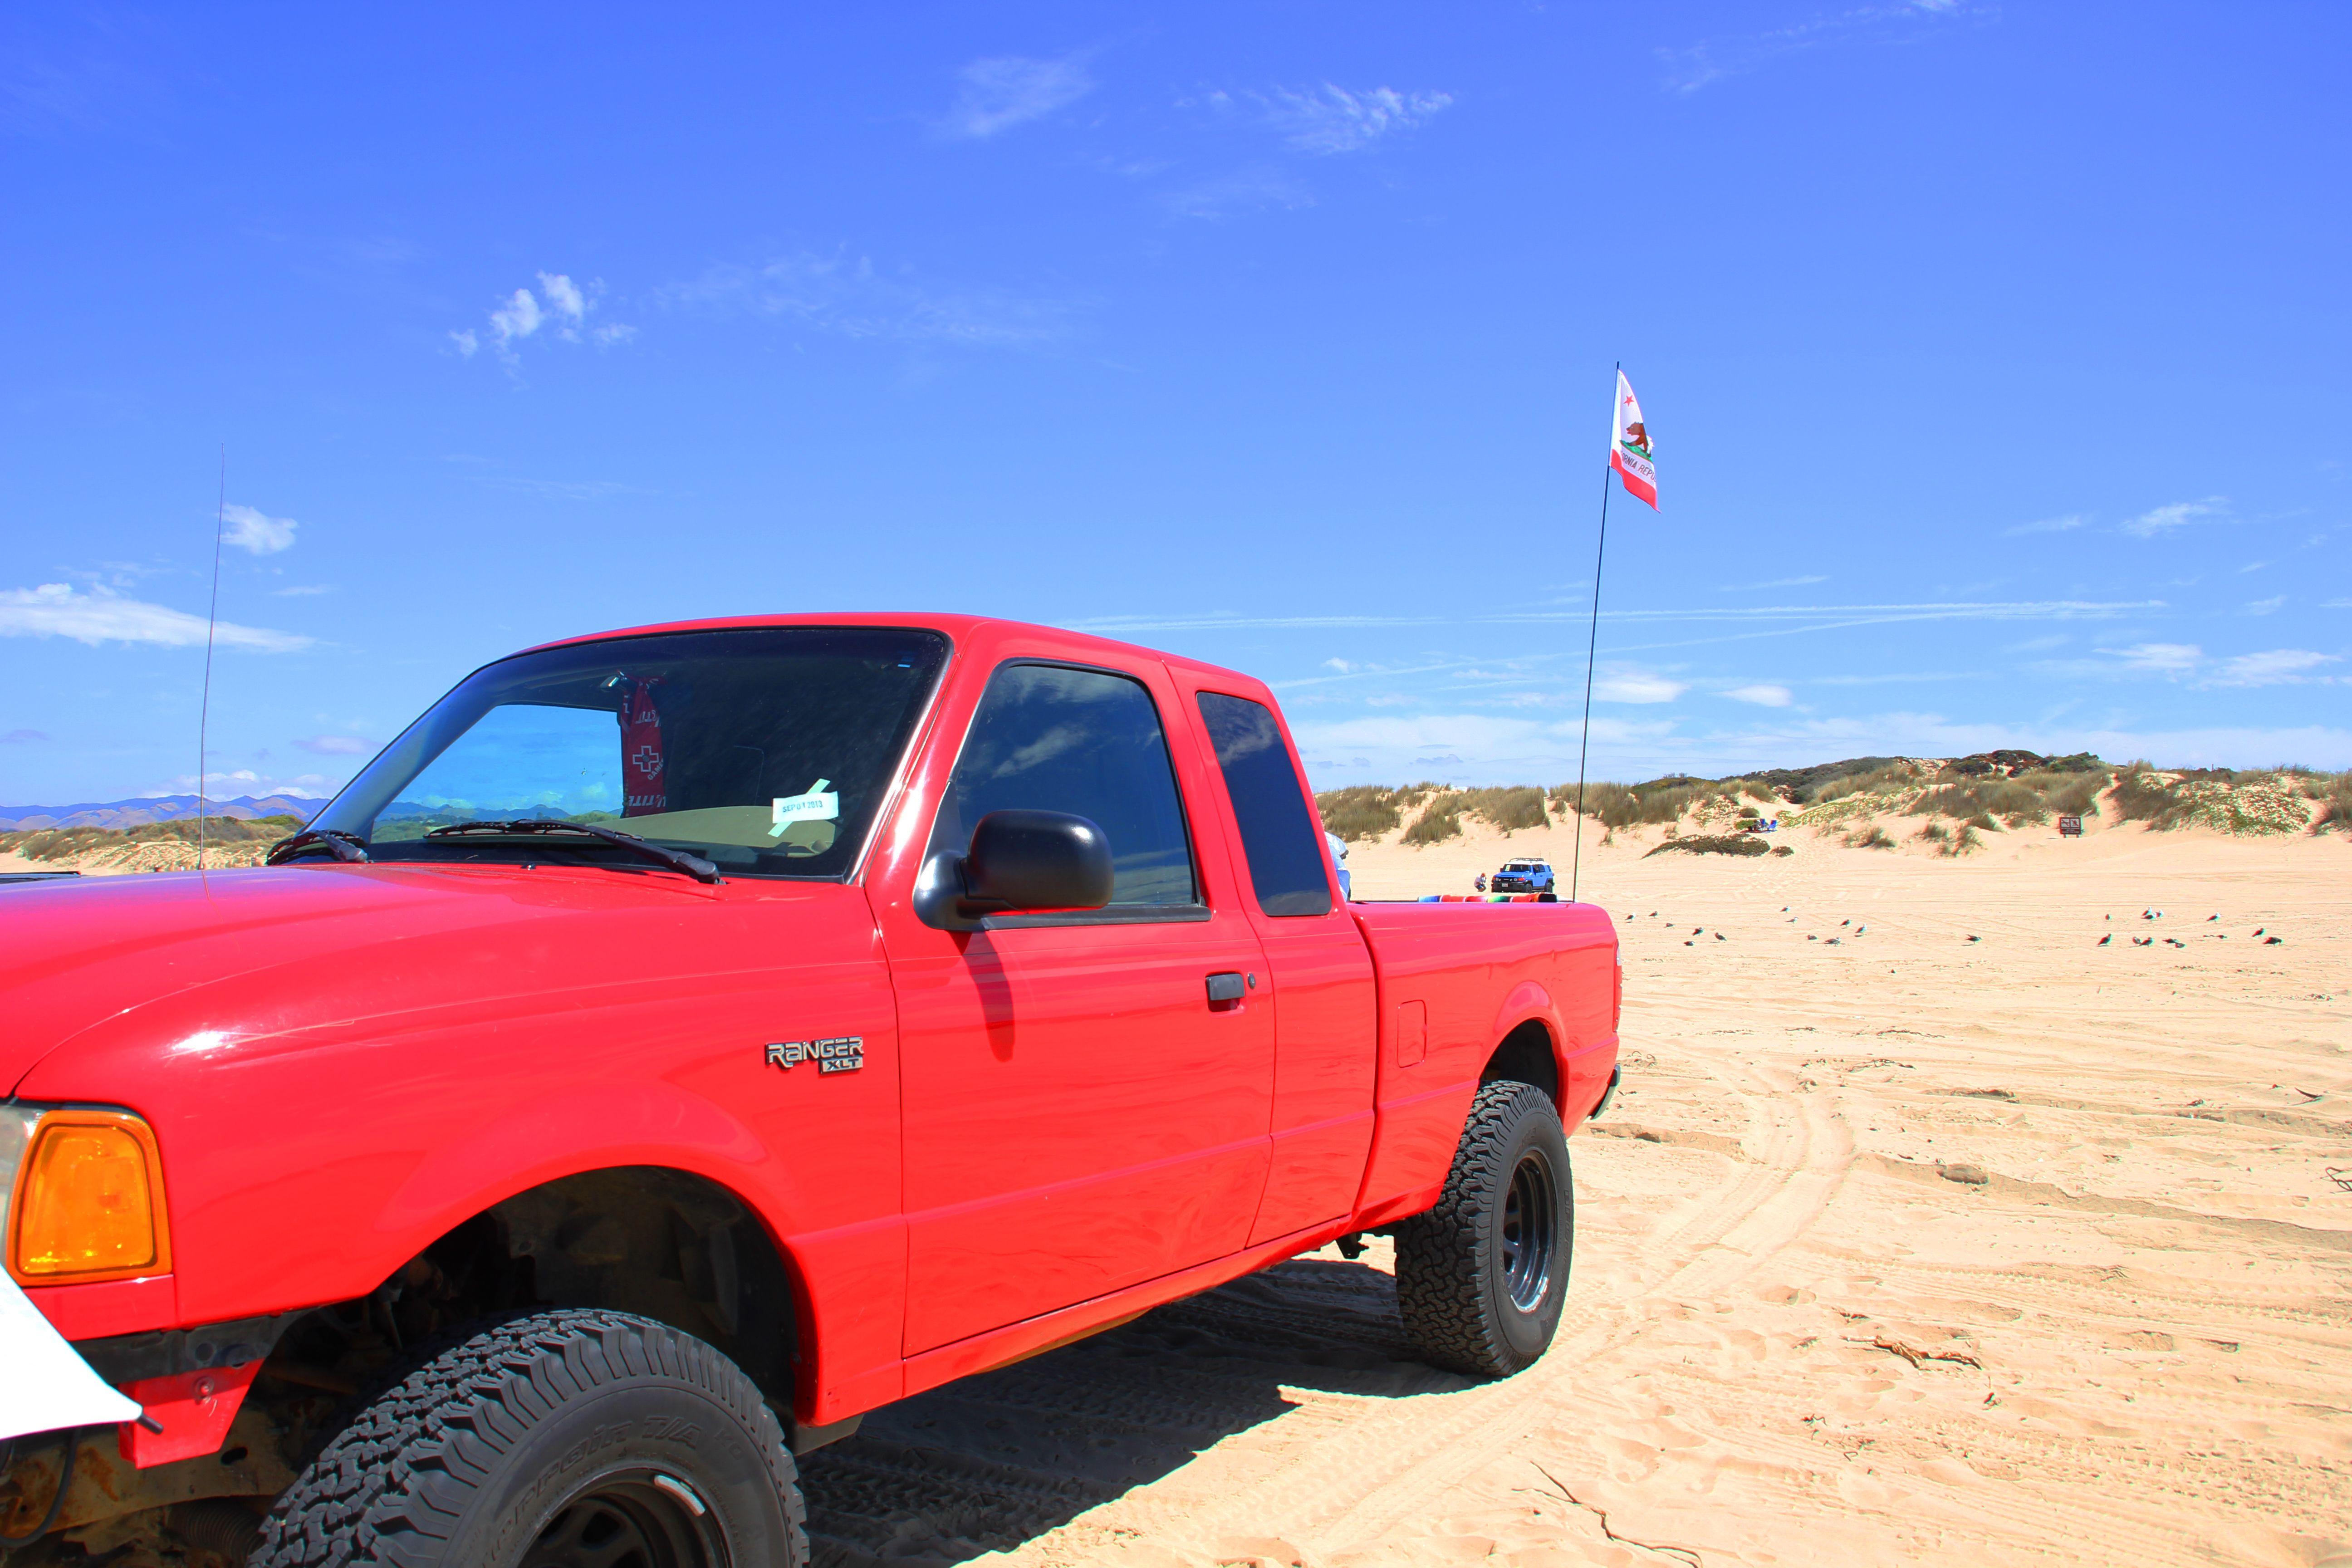 The truck! 2001 Ford Ranger V6 3.0 2WD Ford ranger